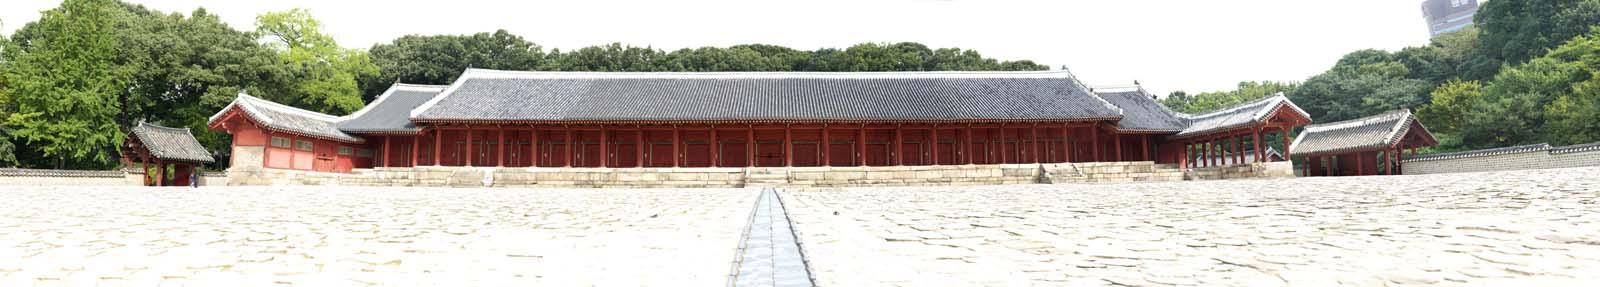 photo, la matière, libre, aménage, décrivez, photo de la réserve,Tadashi du mausolée ancestral de la Famille Impériale, Temple Jongmyo, Service religieux, En premier empereur, le Temple Ancestral Impérial